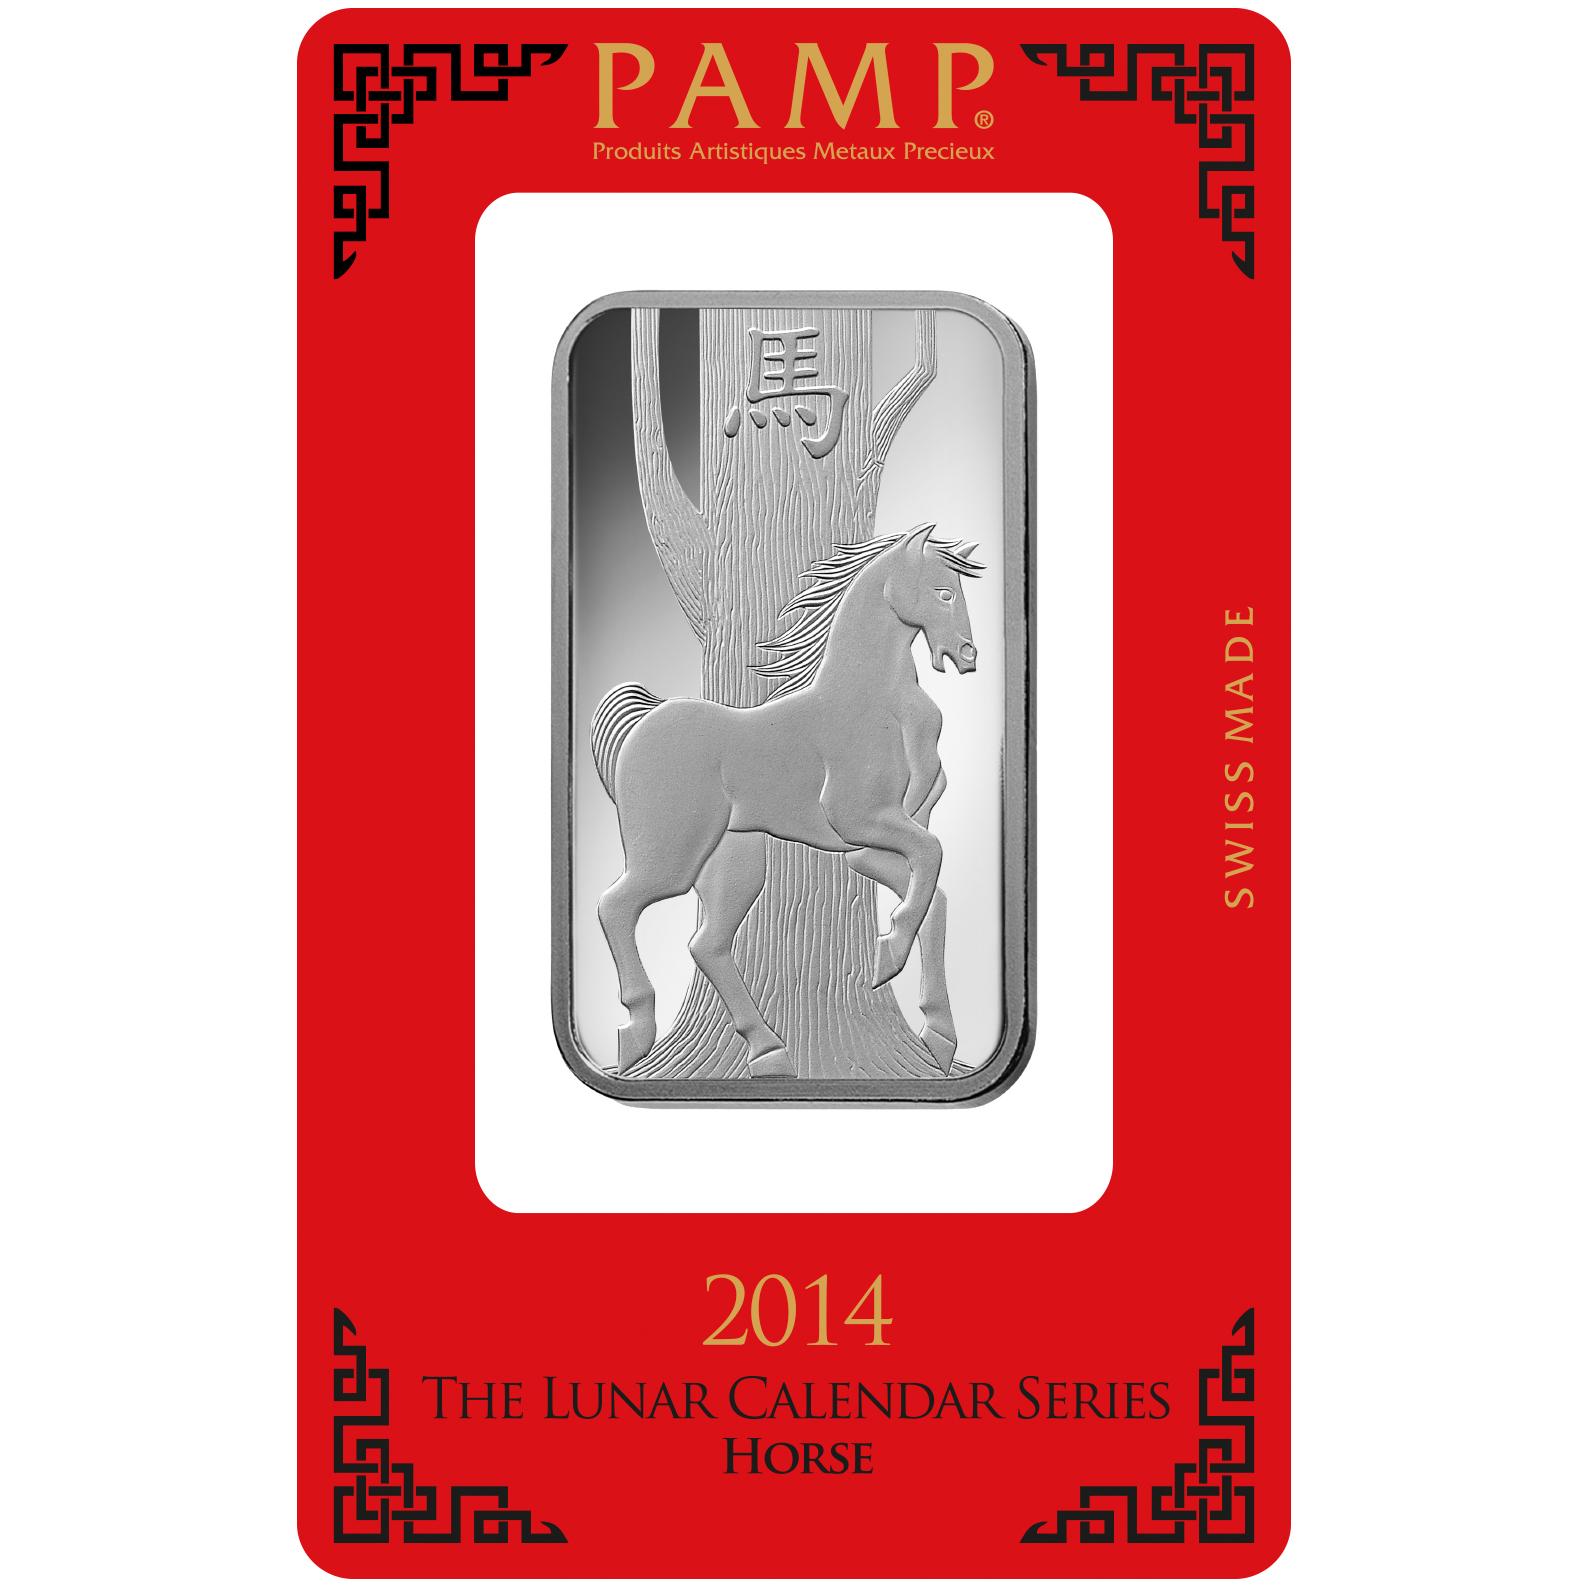 Lingotin d'argent de 1 once - PAMP Suisse Lunar Cheval